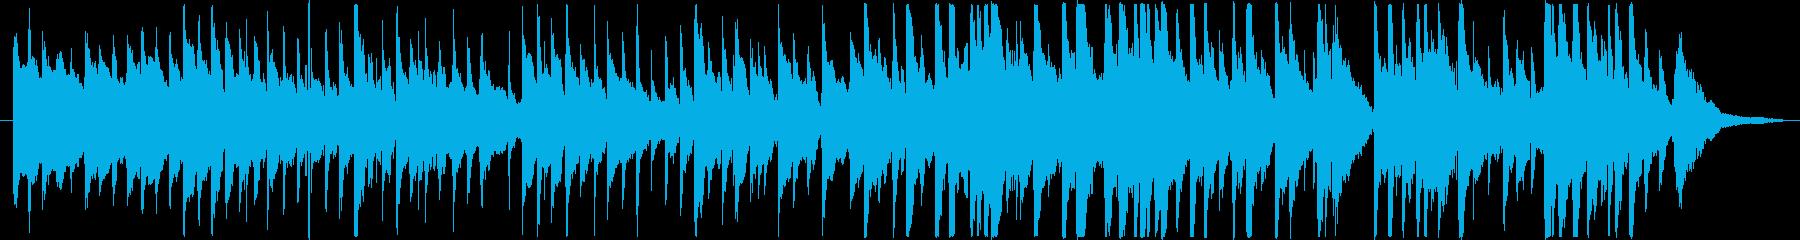 軽やかなカントリー風ミュージックの再生済みの波形